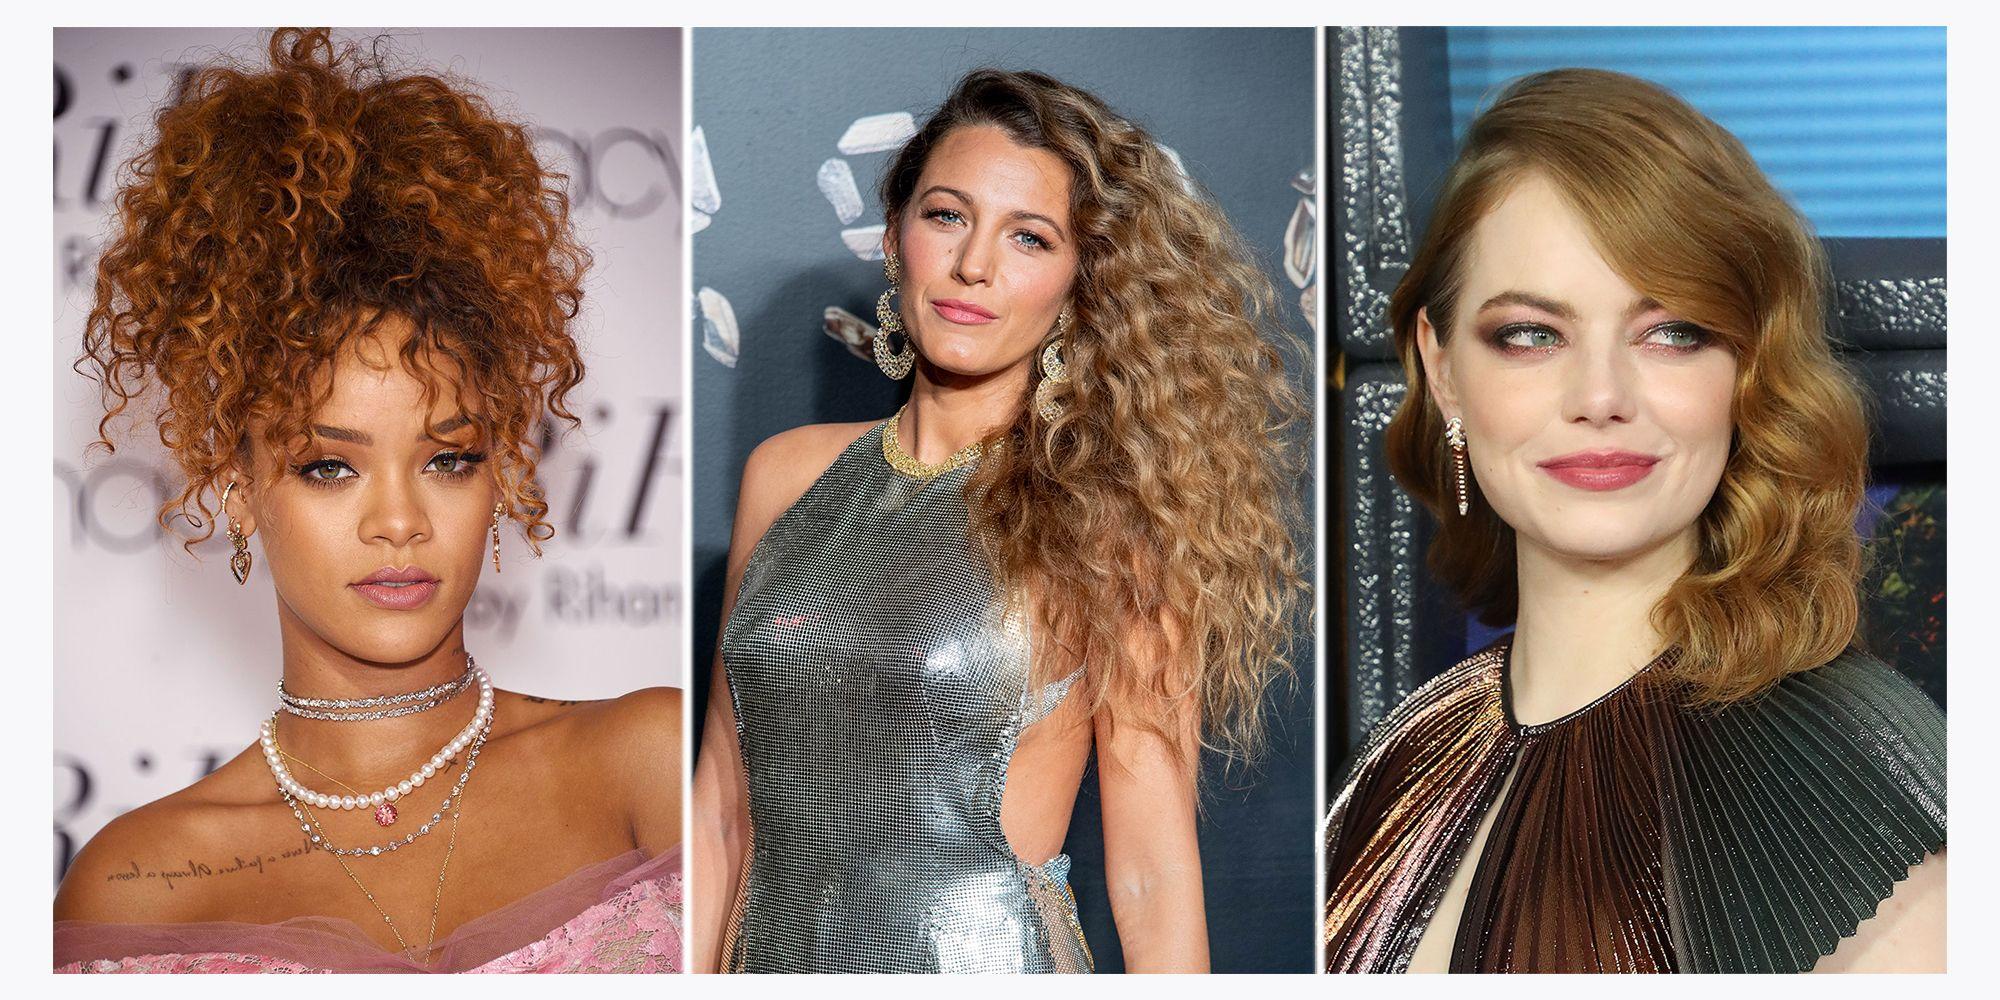 Los Mejores Peinados Para Chicas Con El Pelo Rizado Famosas Con